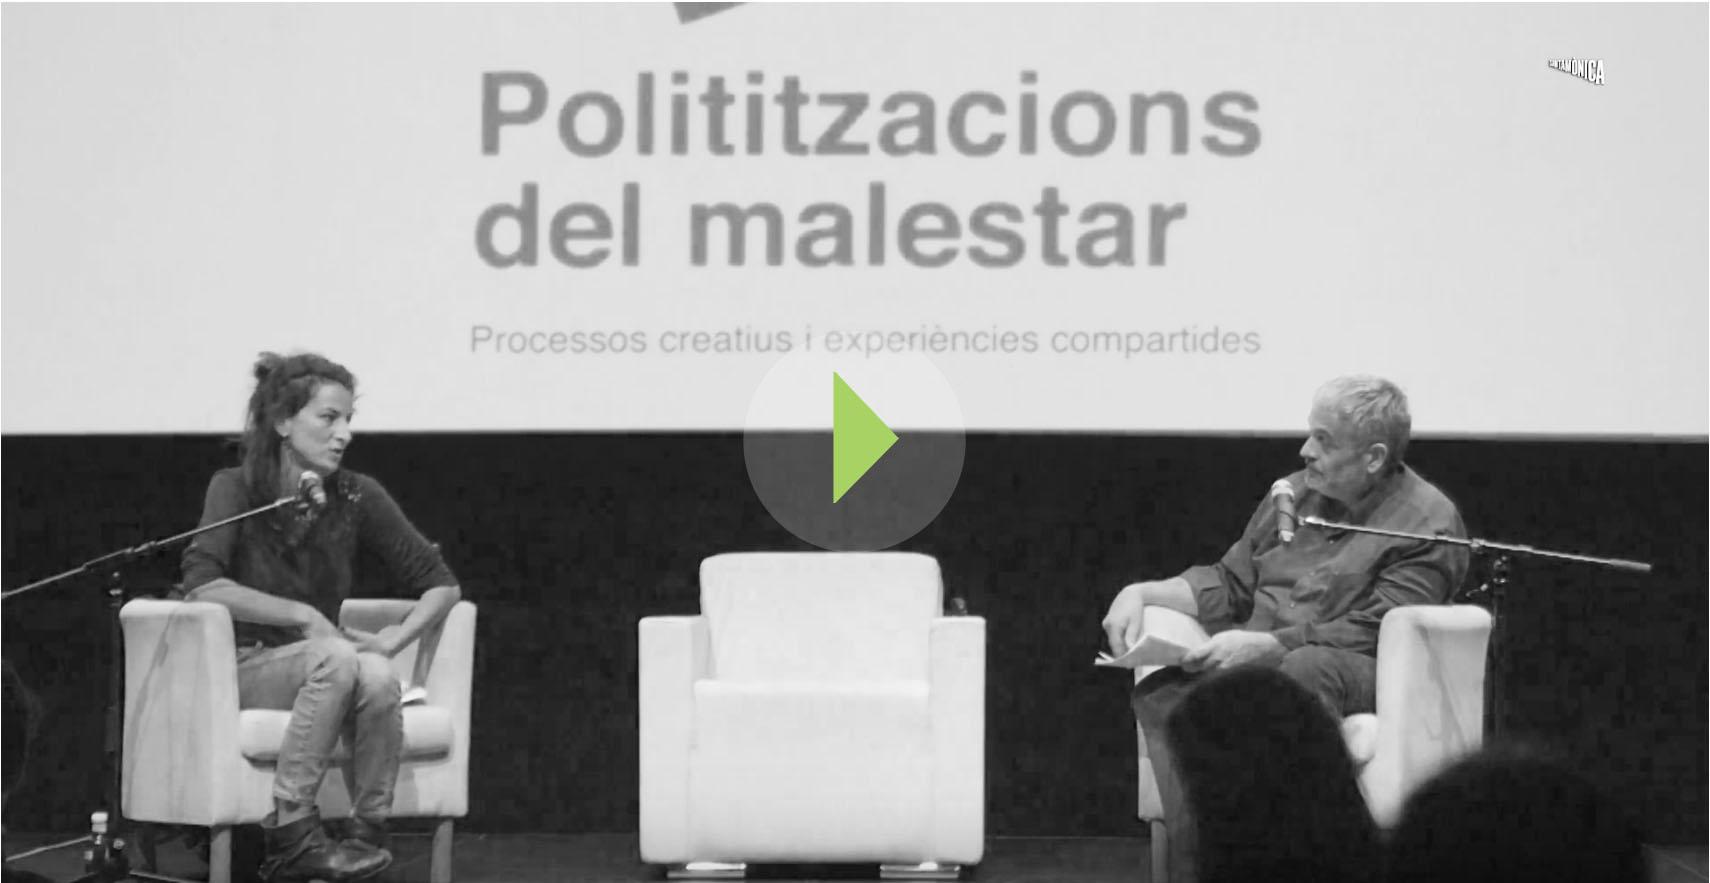 Diàlegs: Núria Güell i Joan Minguet